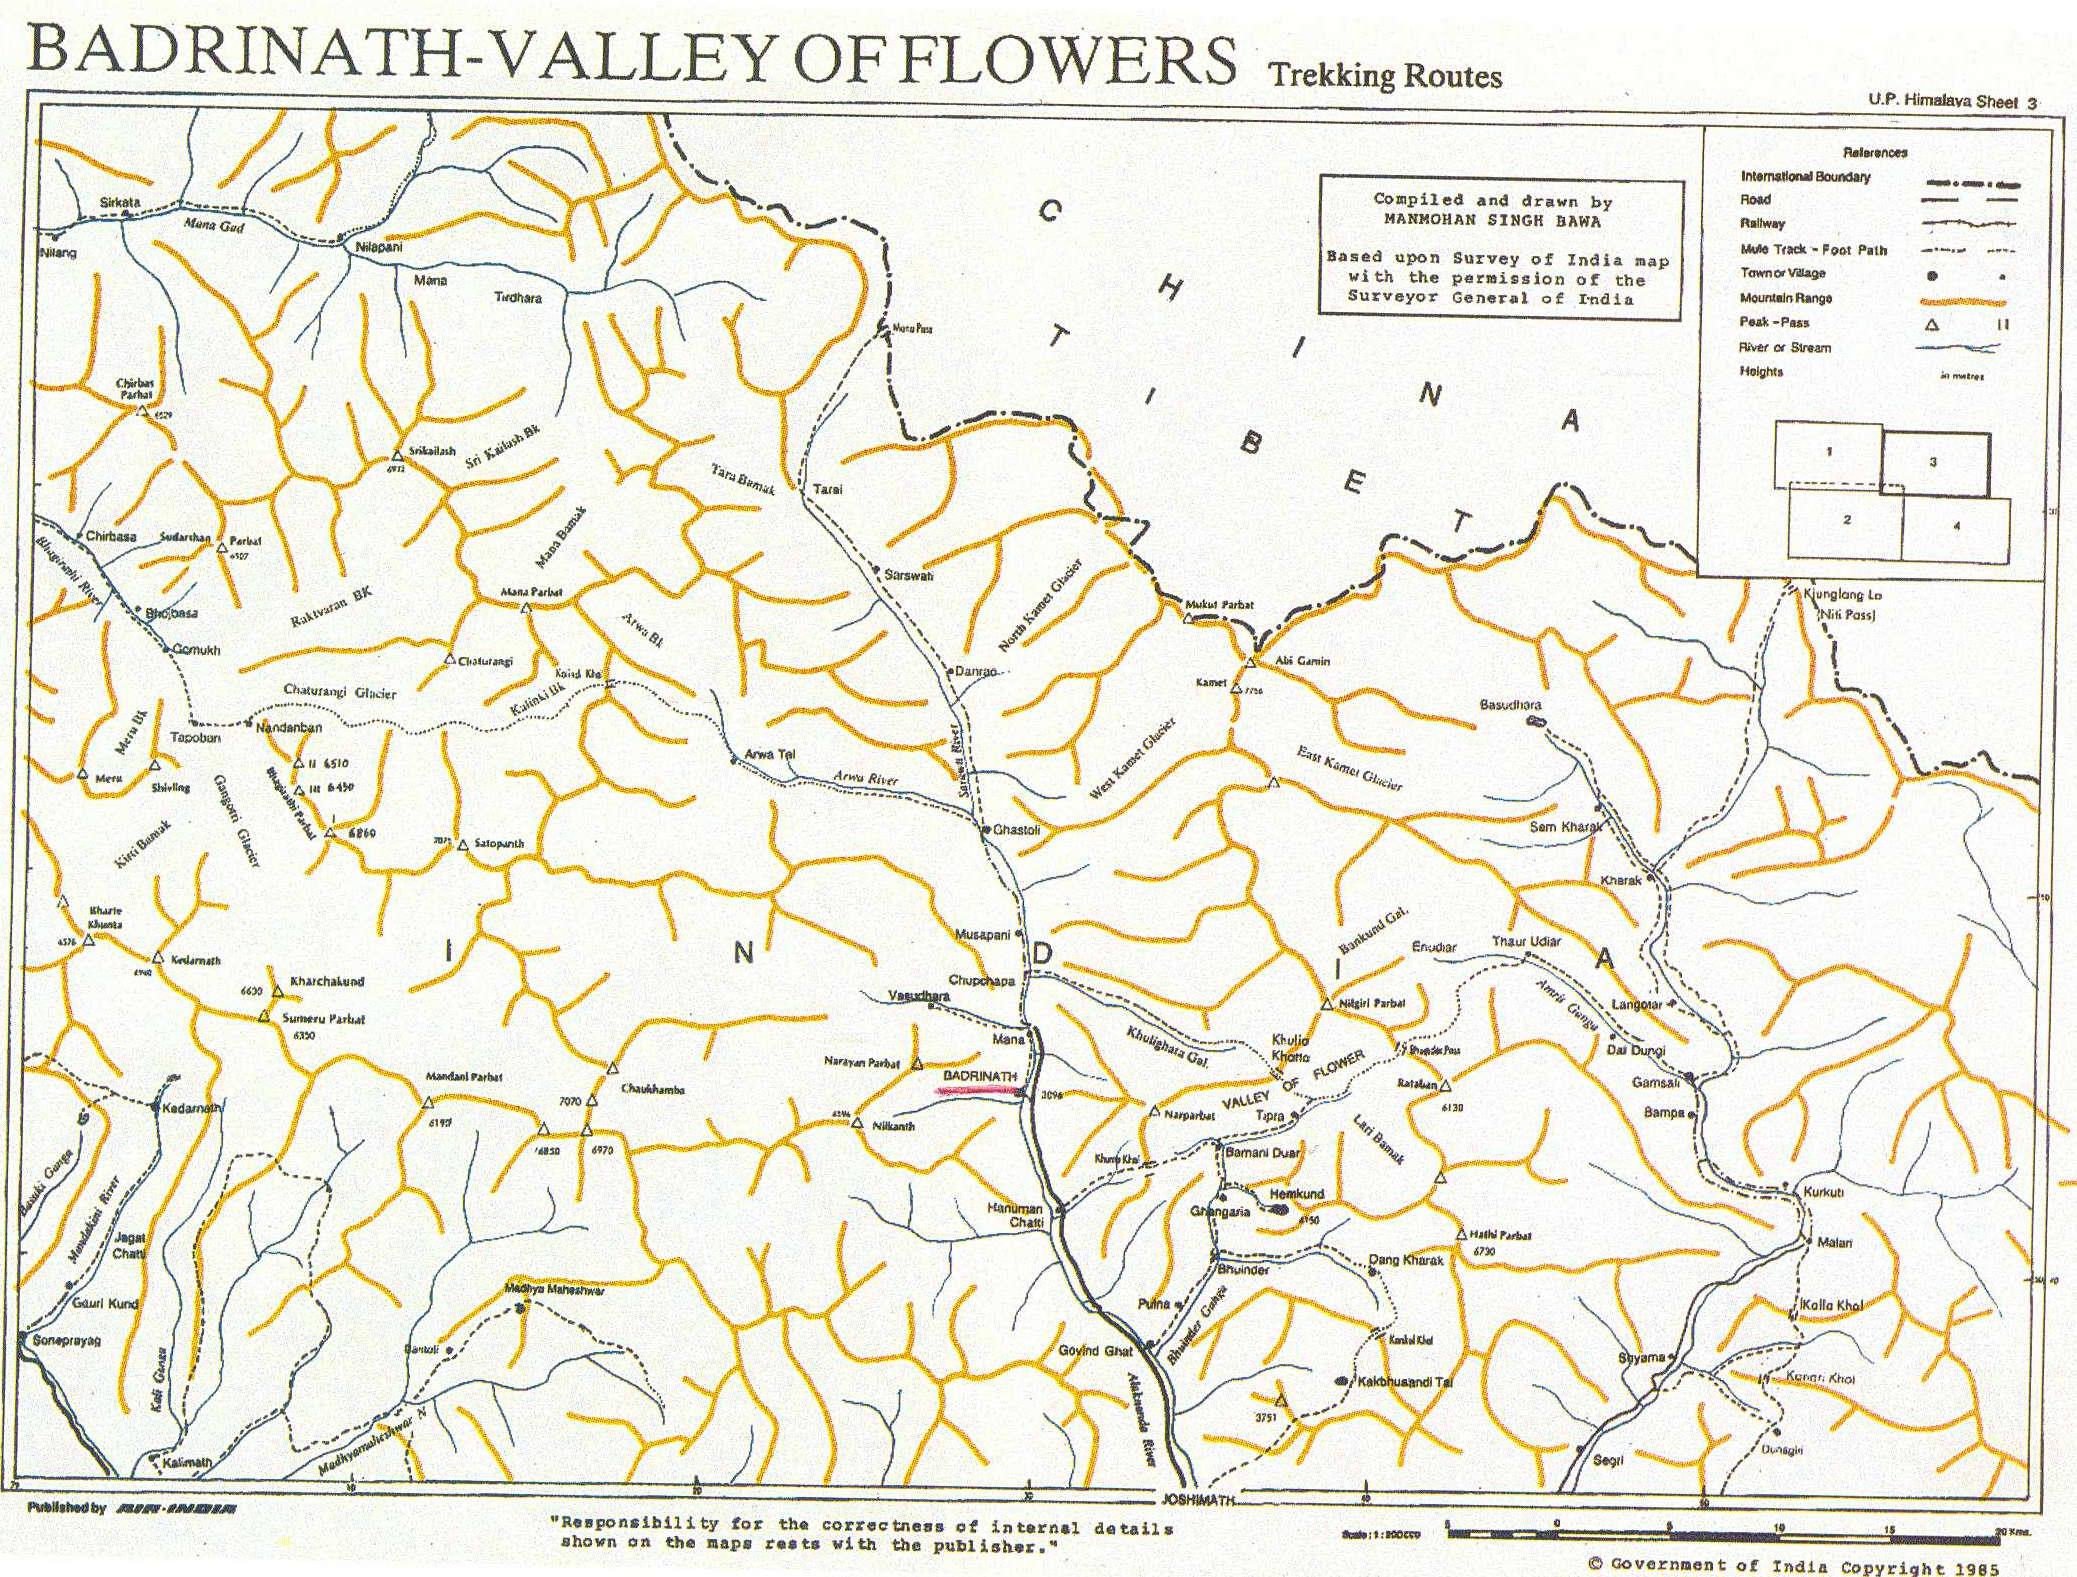 Карта туристических и трекинговых маршрутов штата Уттаранчал (Гархвал, Бадринатх, Долина цветов)